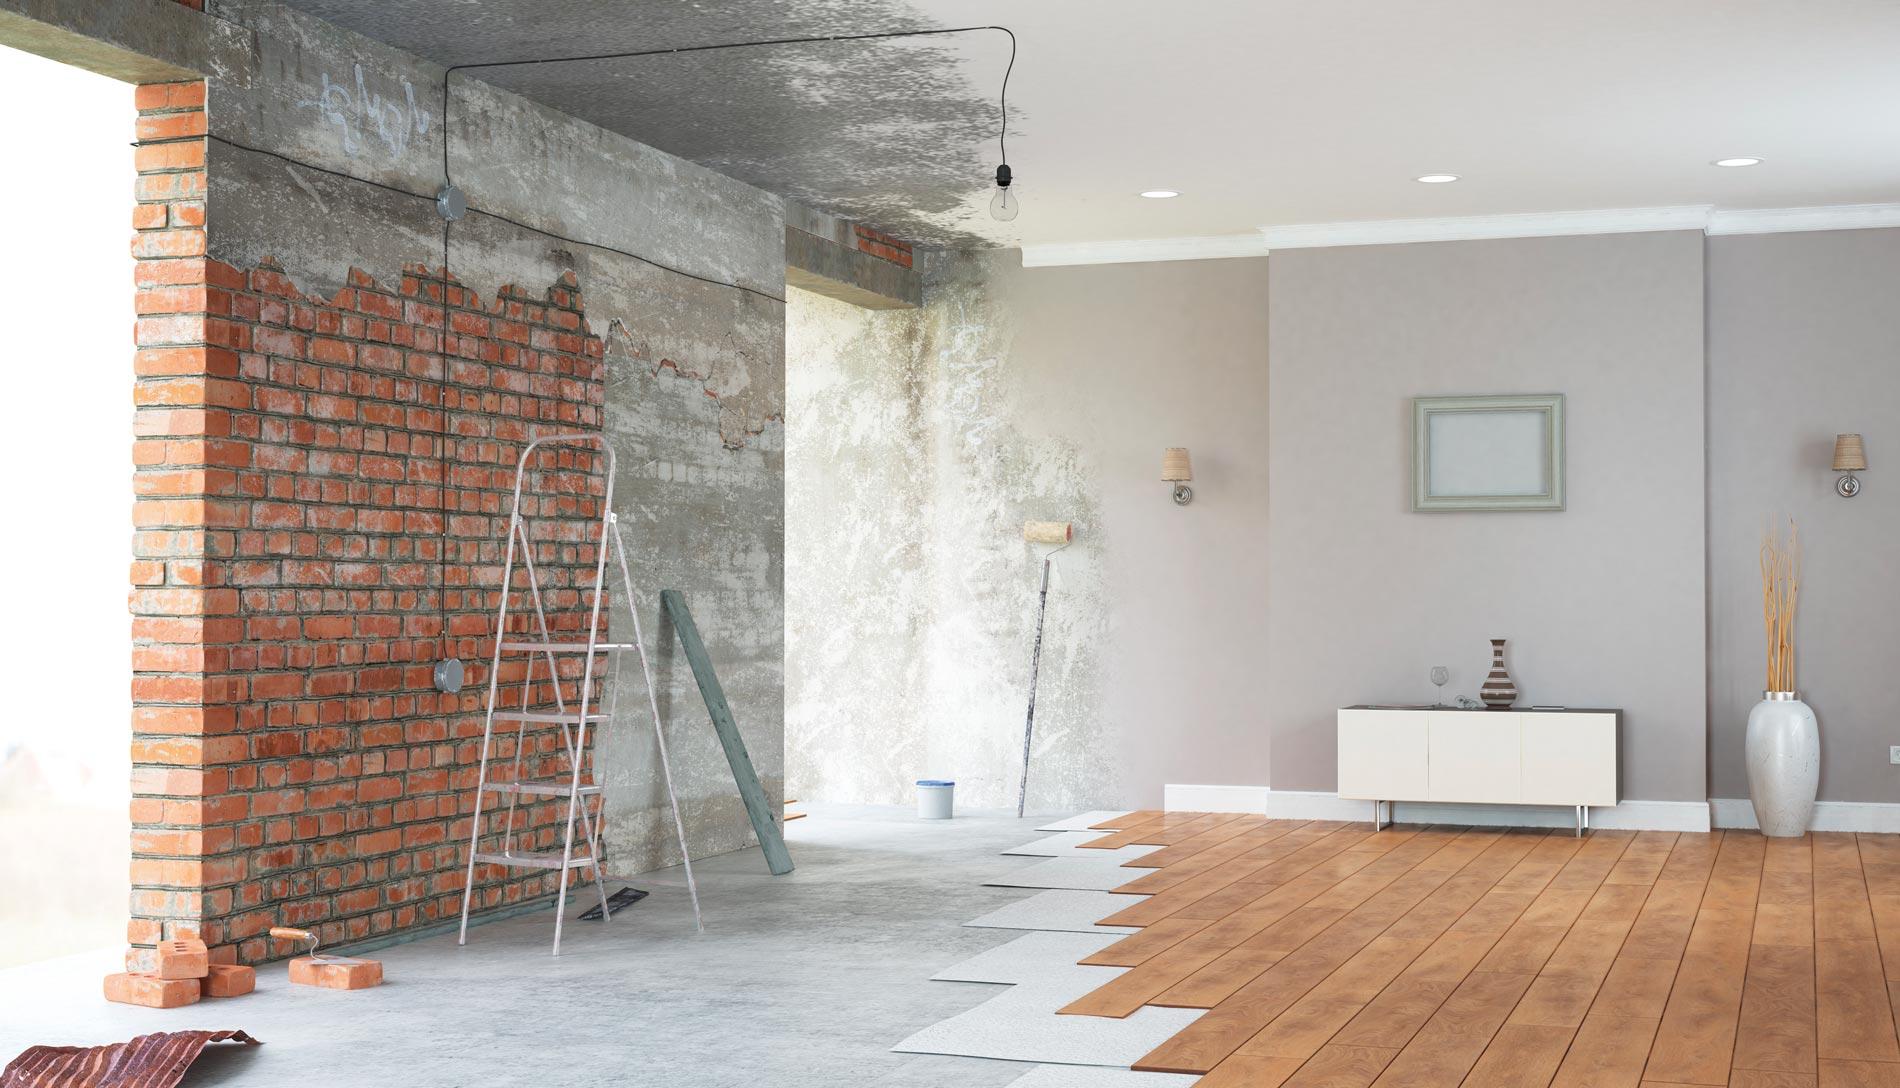 Verkaufsvorbereitung - Dr. Immobilien seit 1820